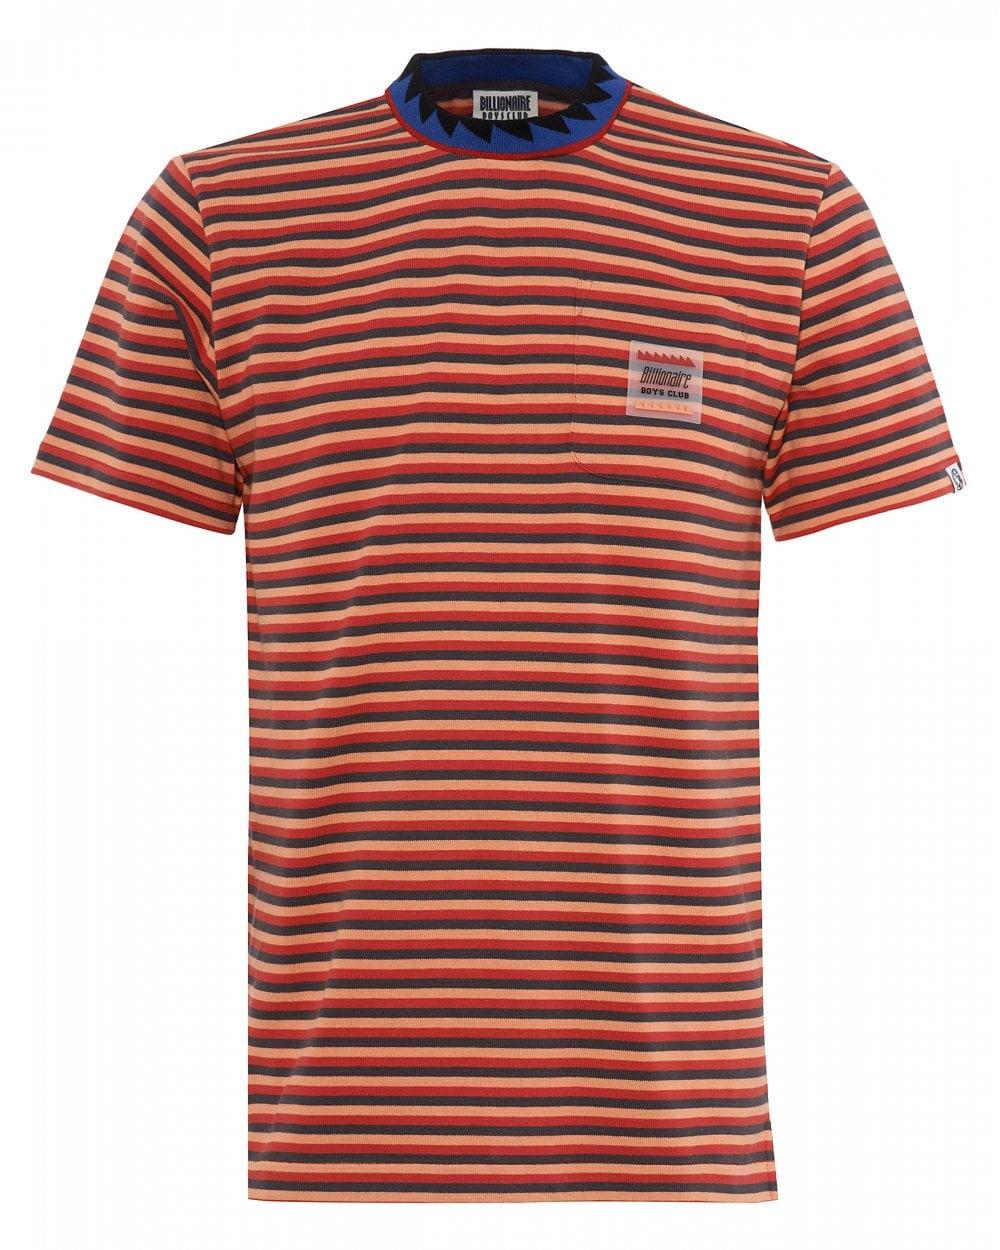 48c310fb Billionaire Boys Club Mens Striped Pocket T-Shirt, Red Striped Tee